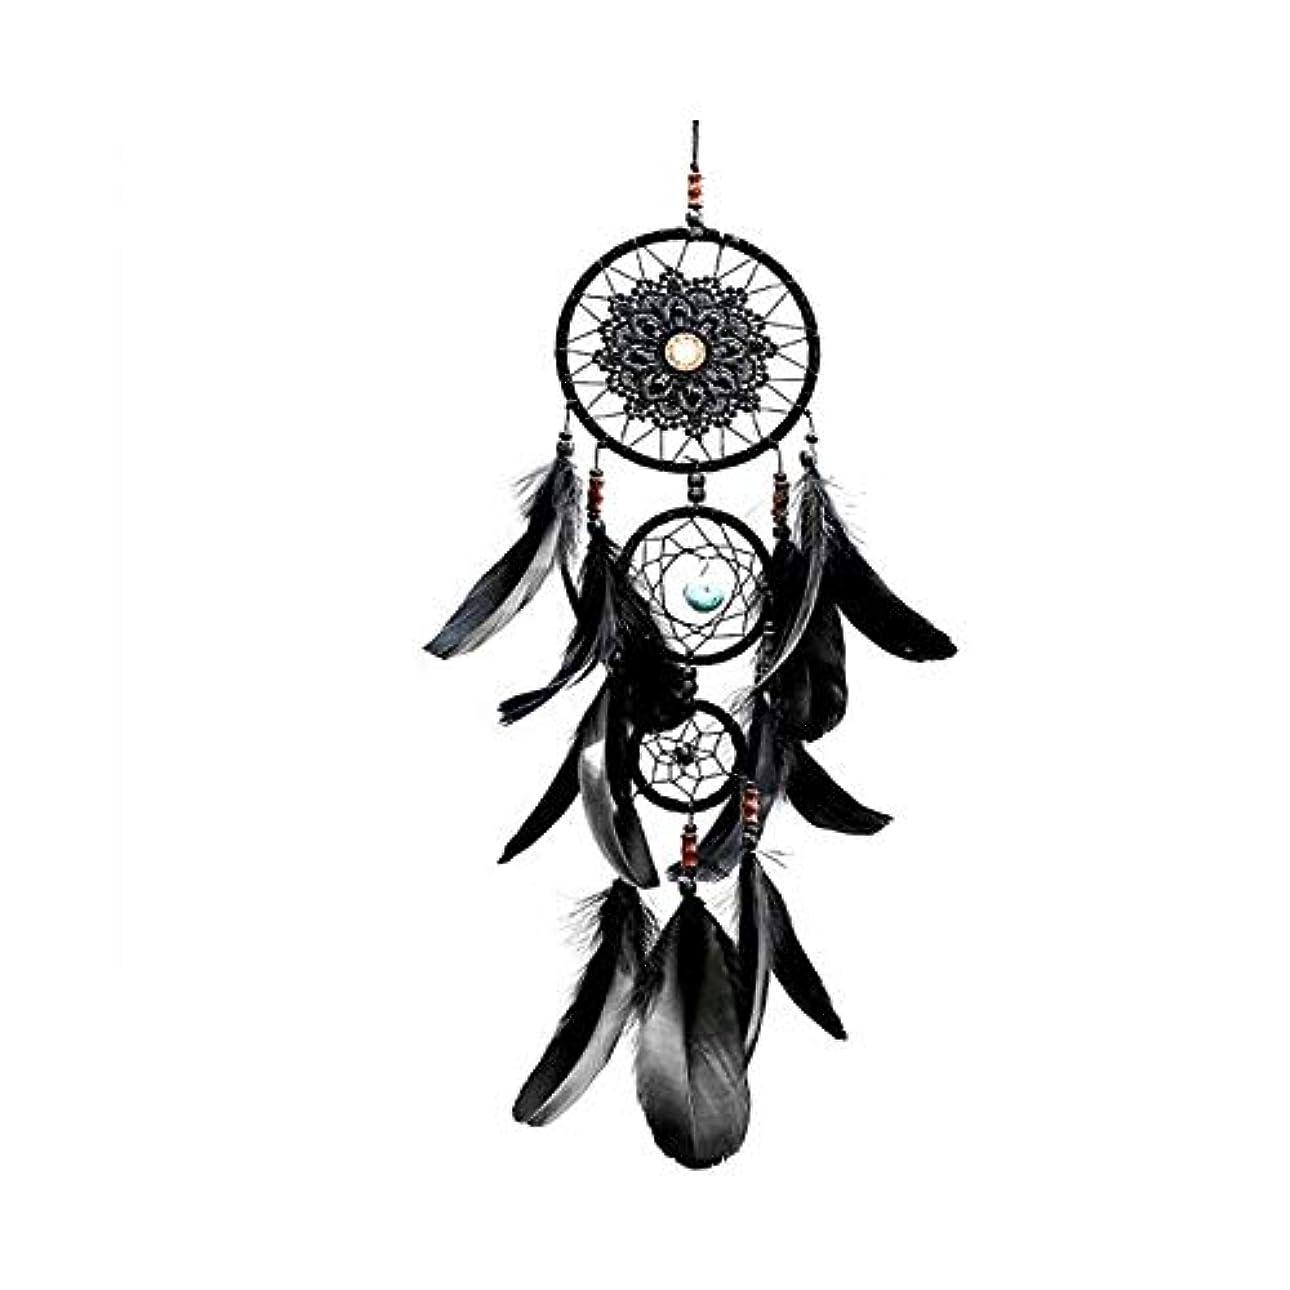 意図連結するアデレード風鈴、黒の3環の装飾、家の装飾、ベッドルームのバルコニーの装飾のペンダント (Size : 57cm)